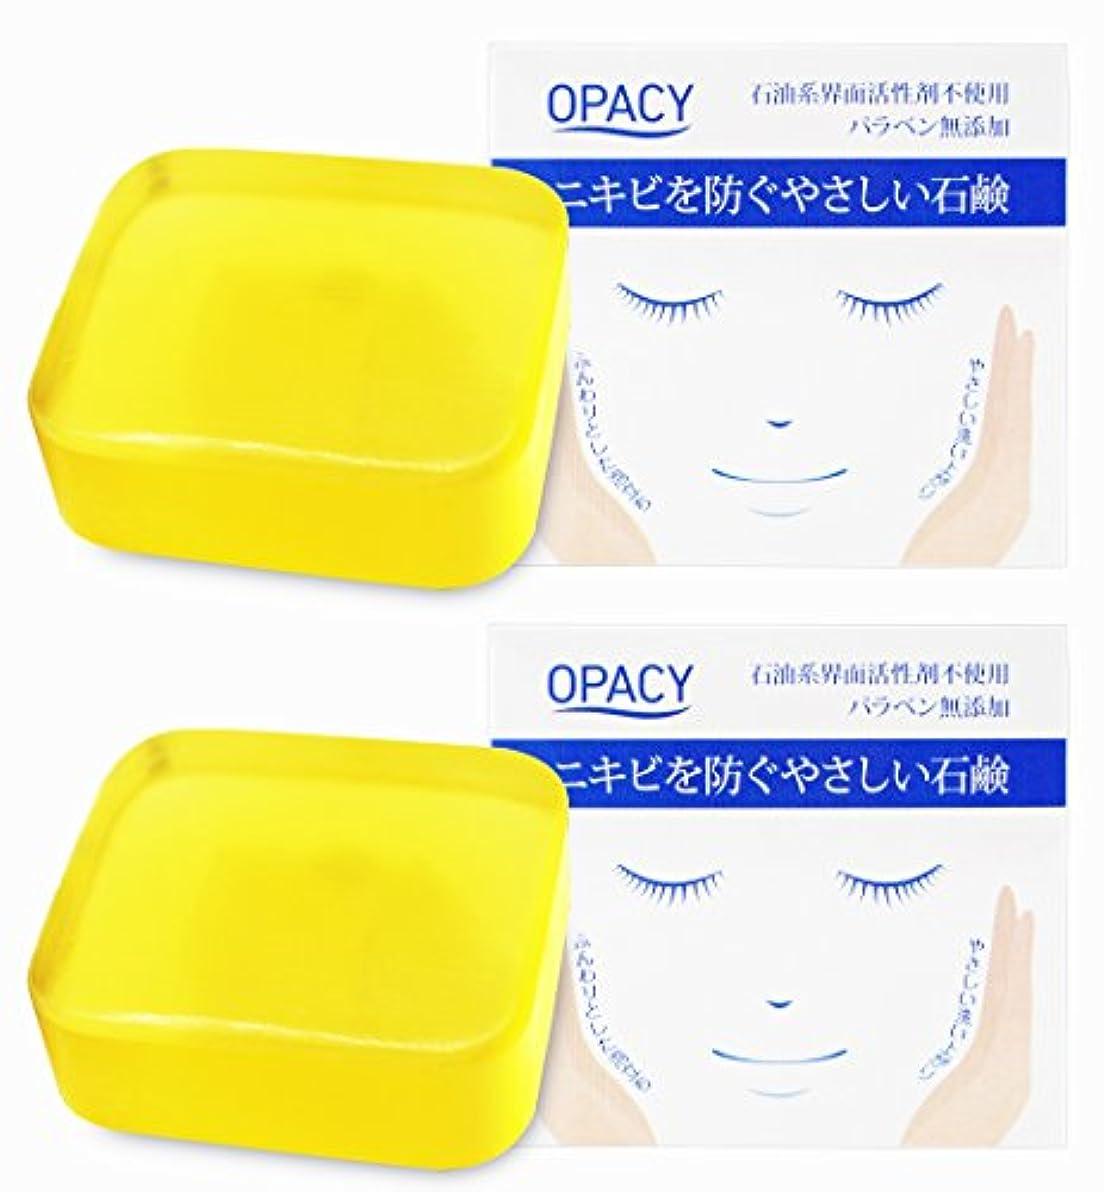 煙突容器サイレン【2個セット】オパシー石鹸100g (2個)